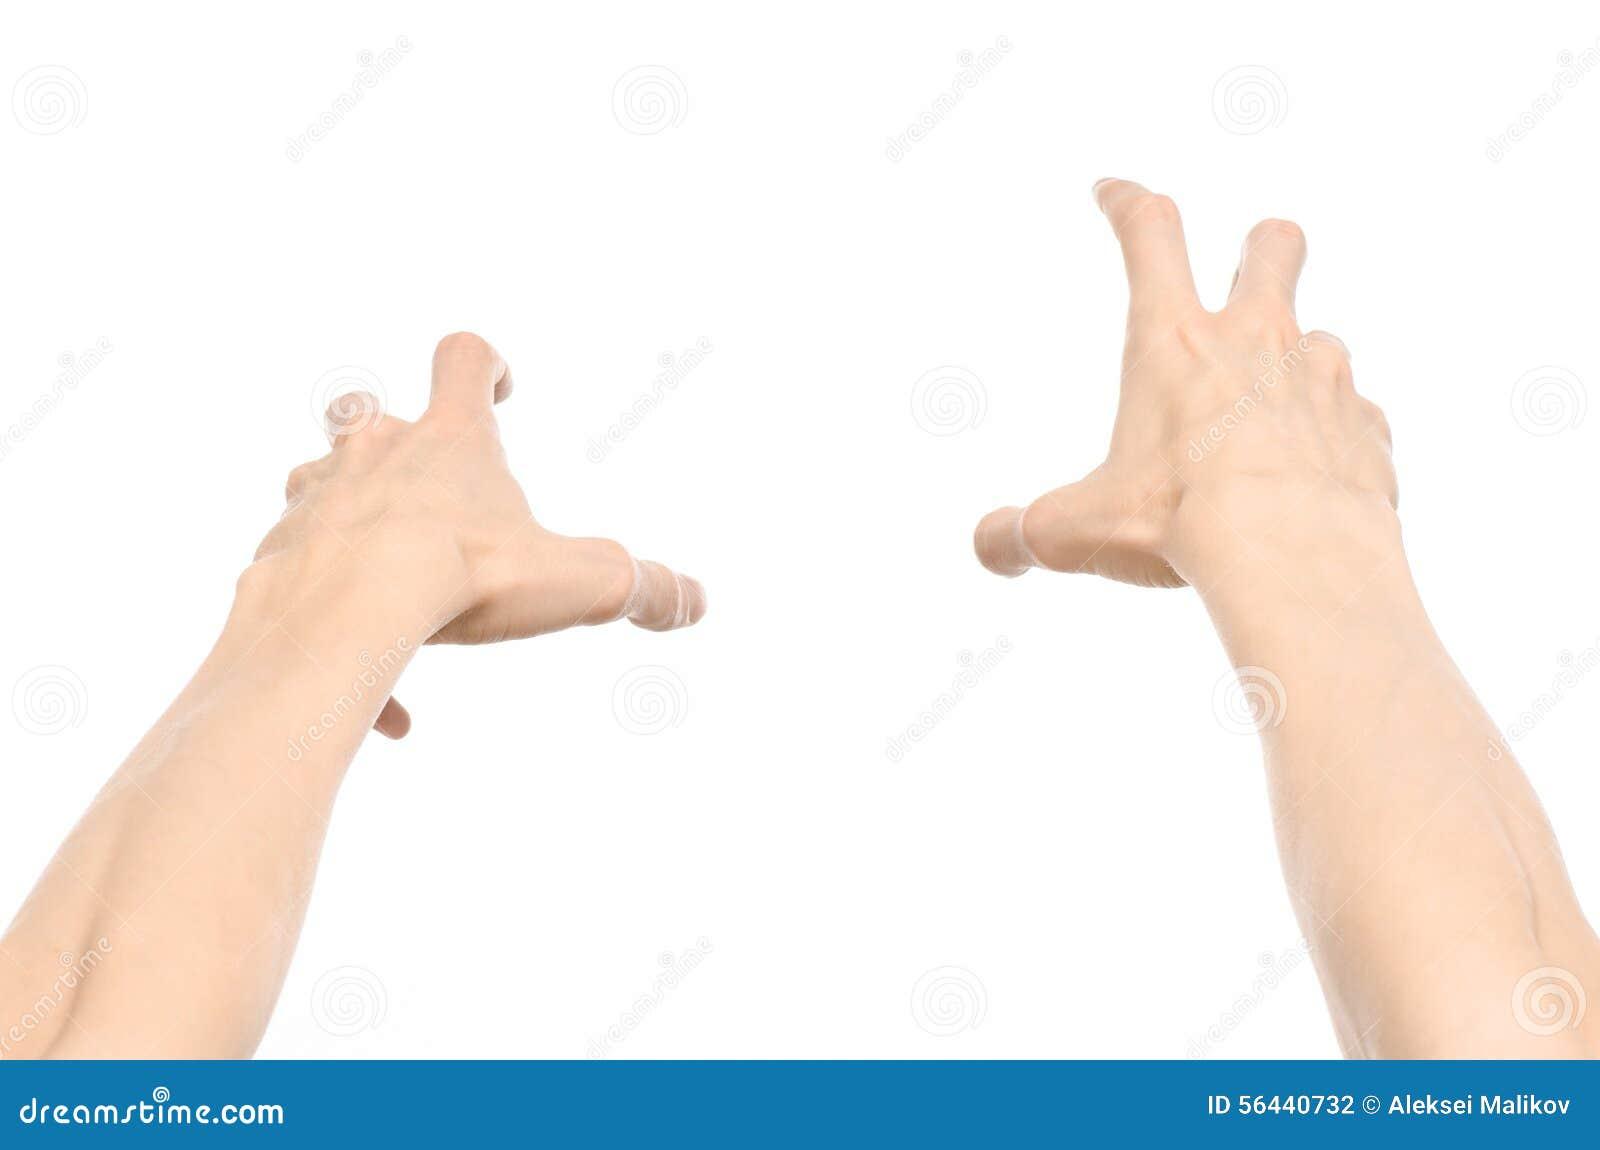 Gestykuluje temat: ludzcy ręka gesty pokazuje osoba widok odizolowywającego na białym tle w studiu